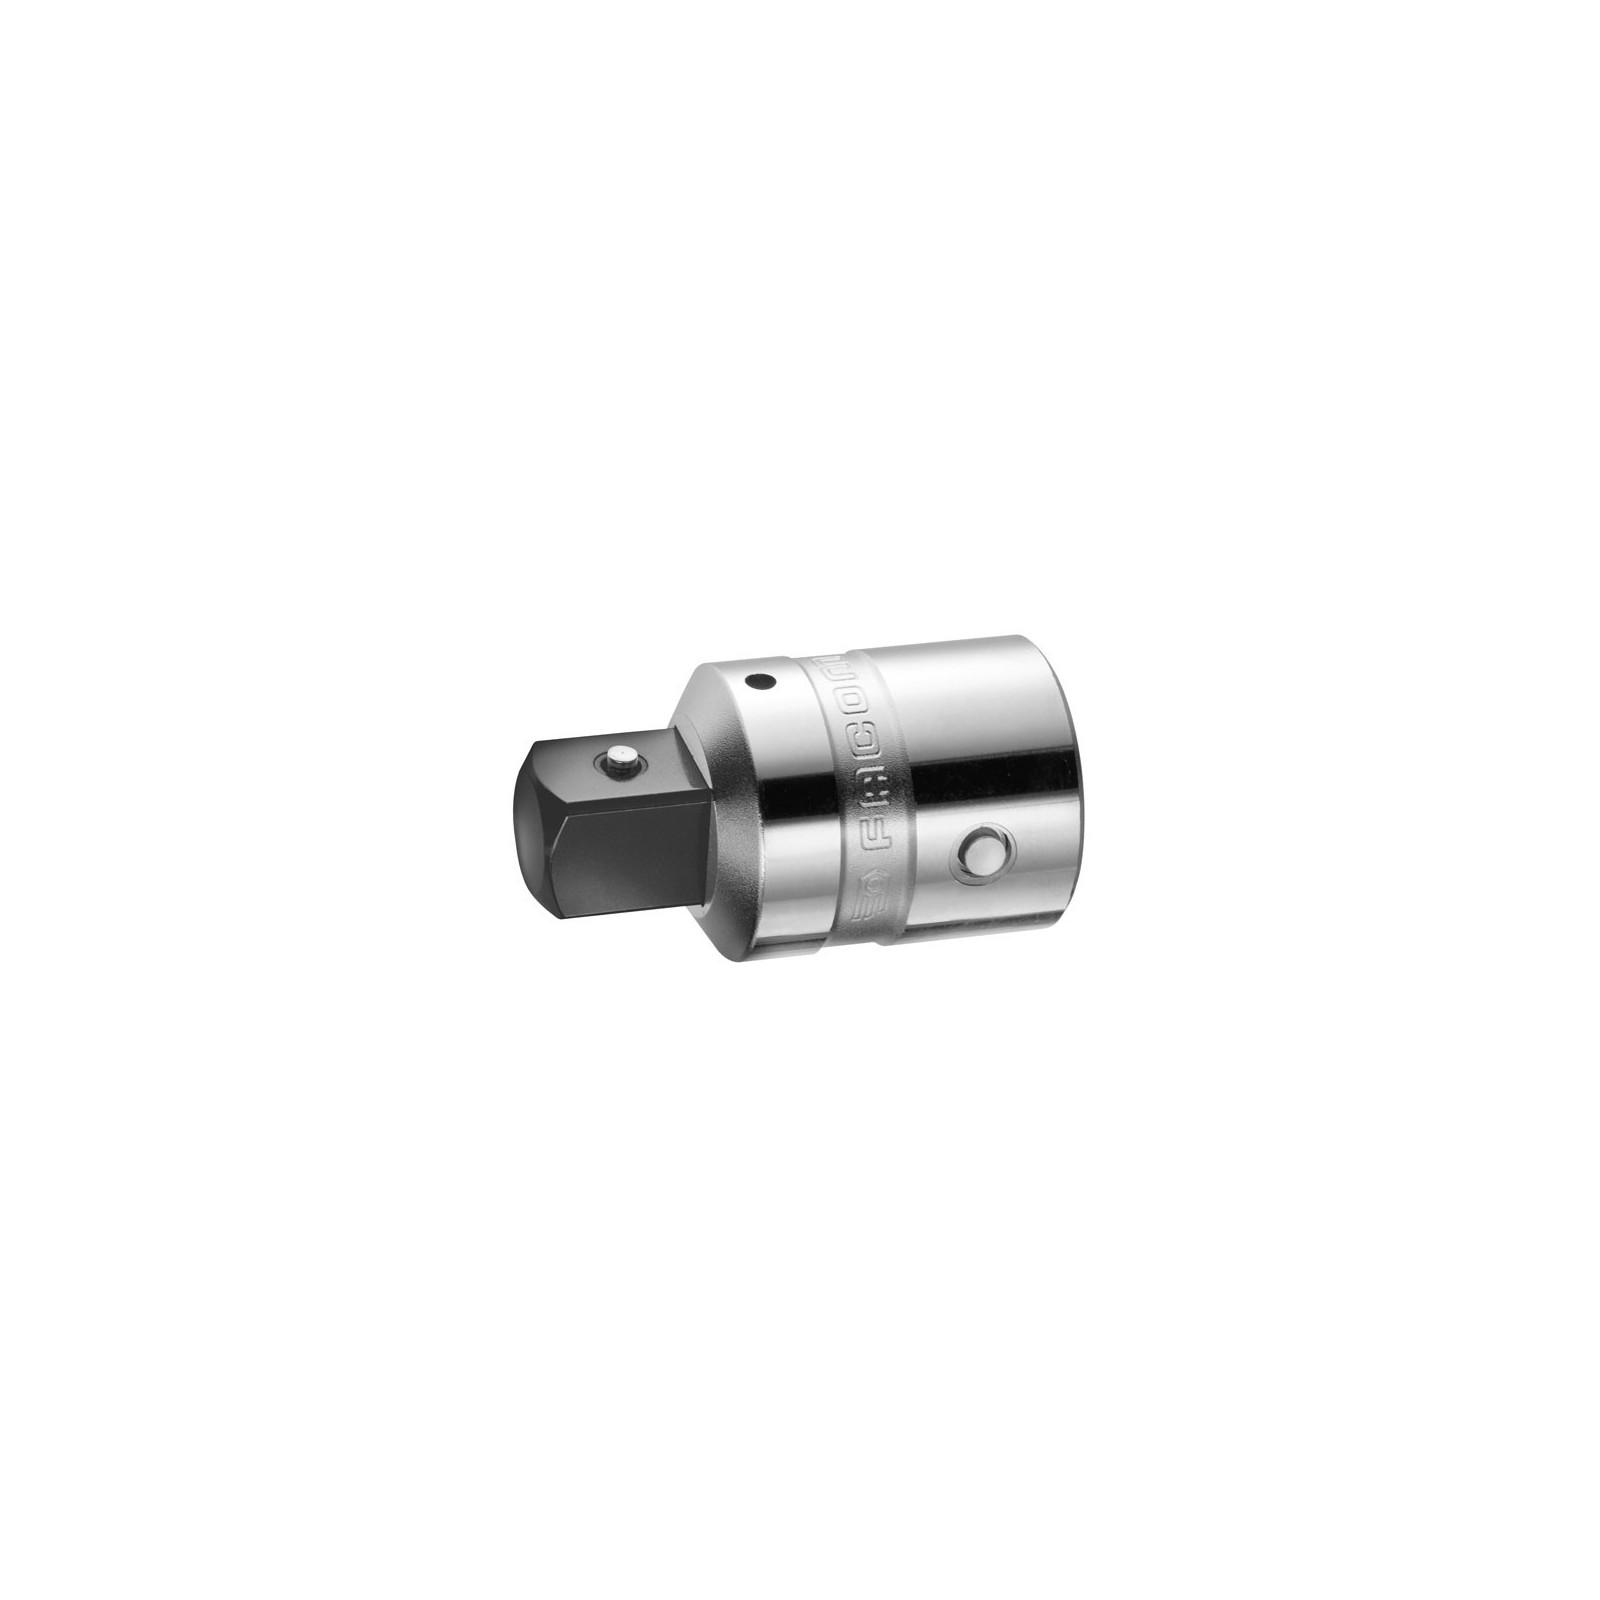 Réducteur 1' pour douilles 3/4 - Facom M.230C